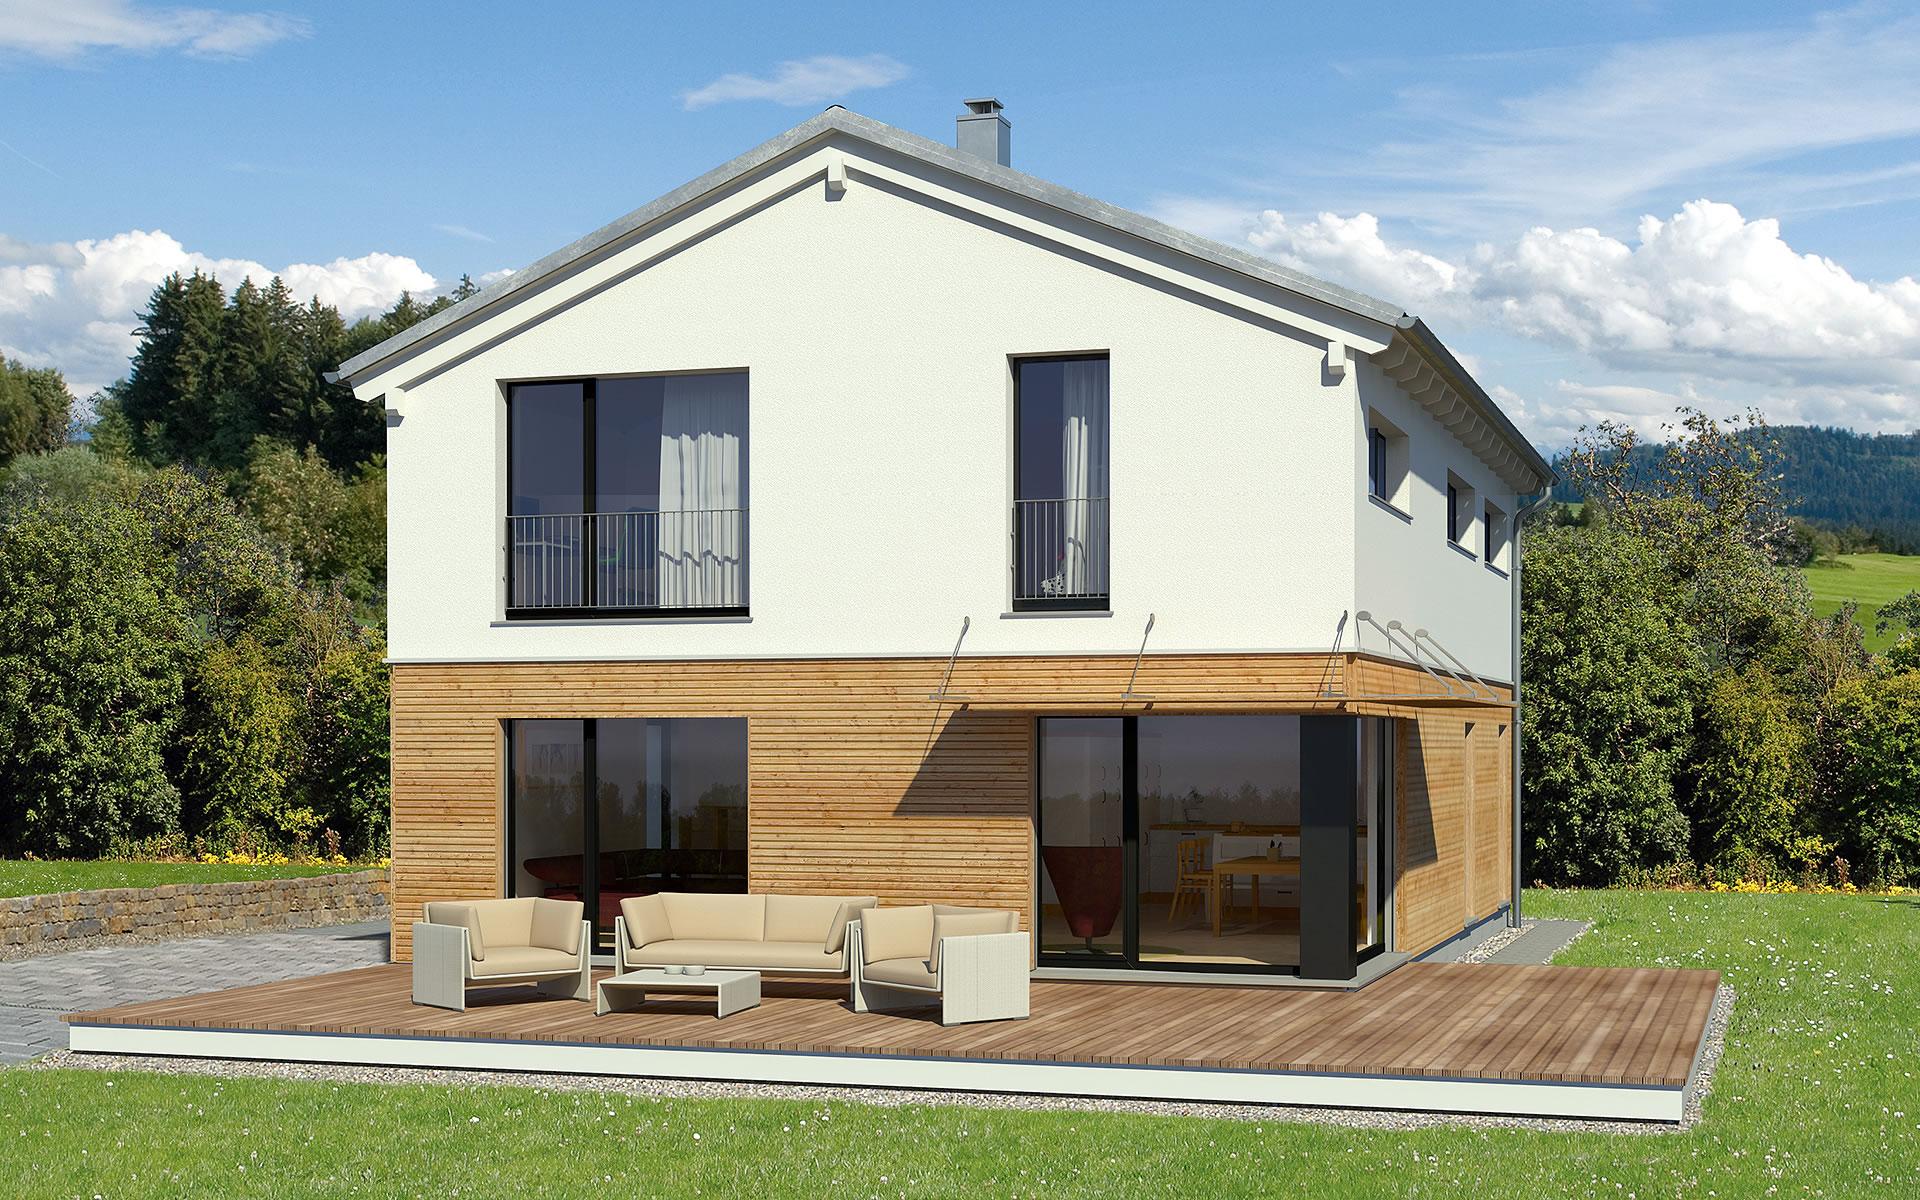 Hoch Hinaus 170m² von Bau-Fritz GmbH & Co. KG, seit 1896